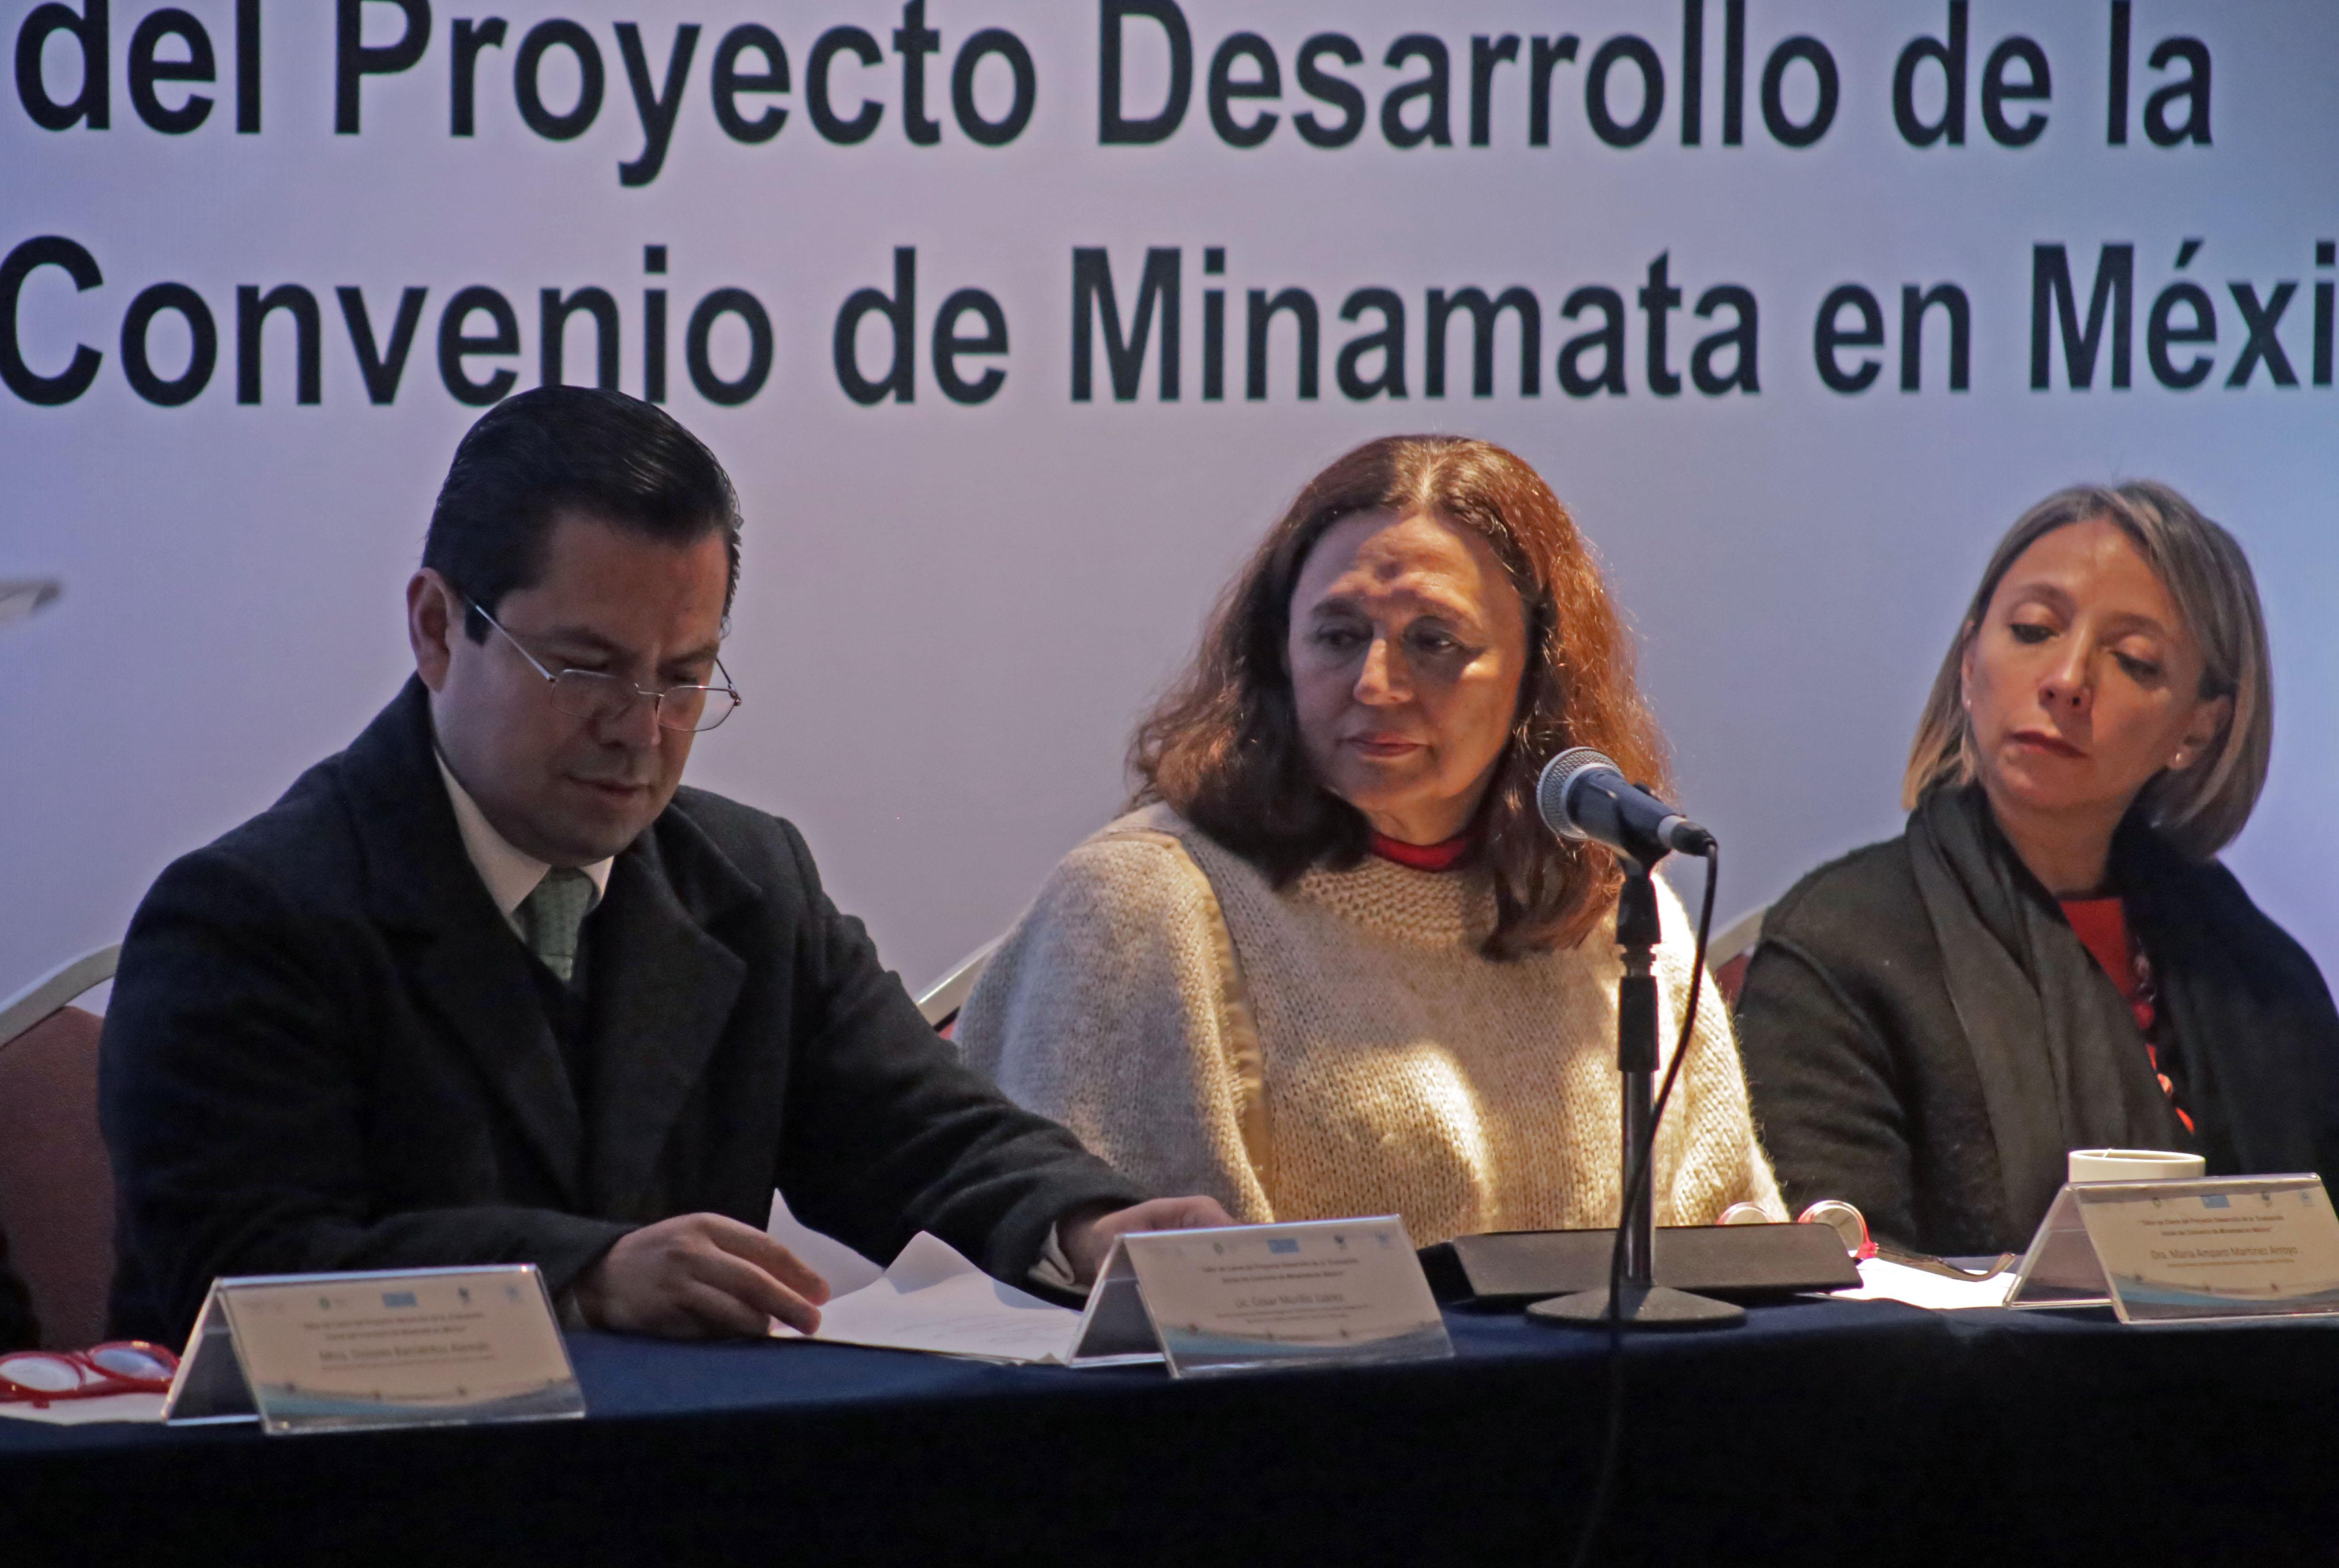 Avanza México en el Cumplimiento del Convenio de Minamata